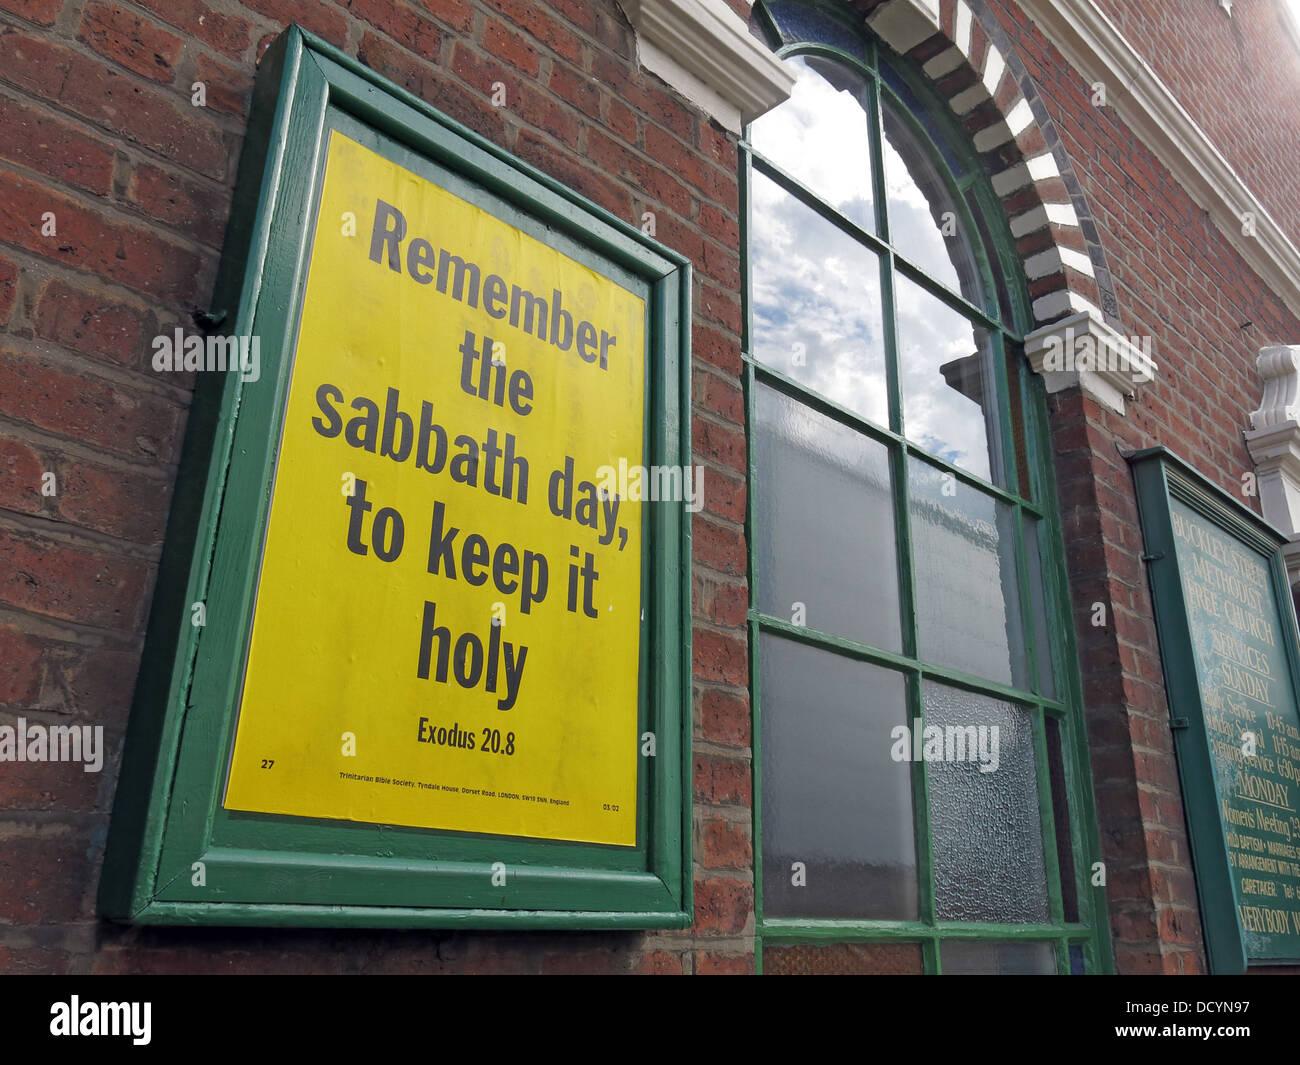 Dieses Stockfoto: Gedenke des Sabbats: Halte ihn heilig Anmelden methodistischen Kapelle, Warrington, Cheshire, Großbritannien - DCYN97